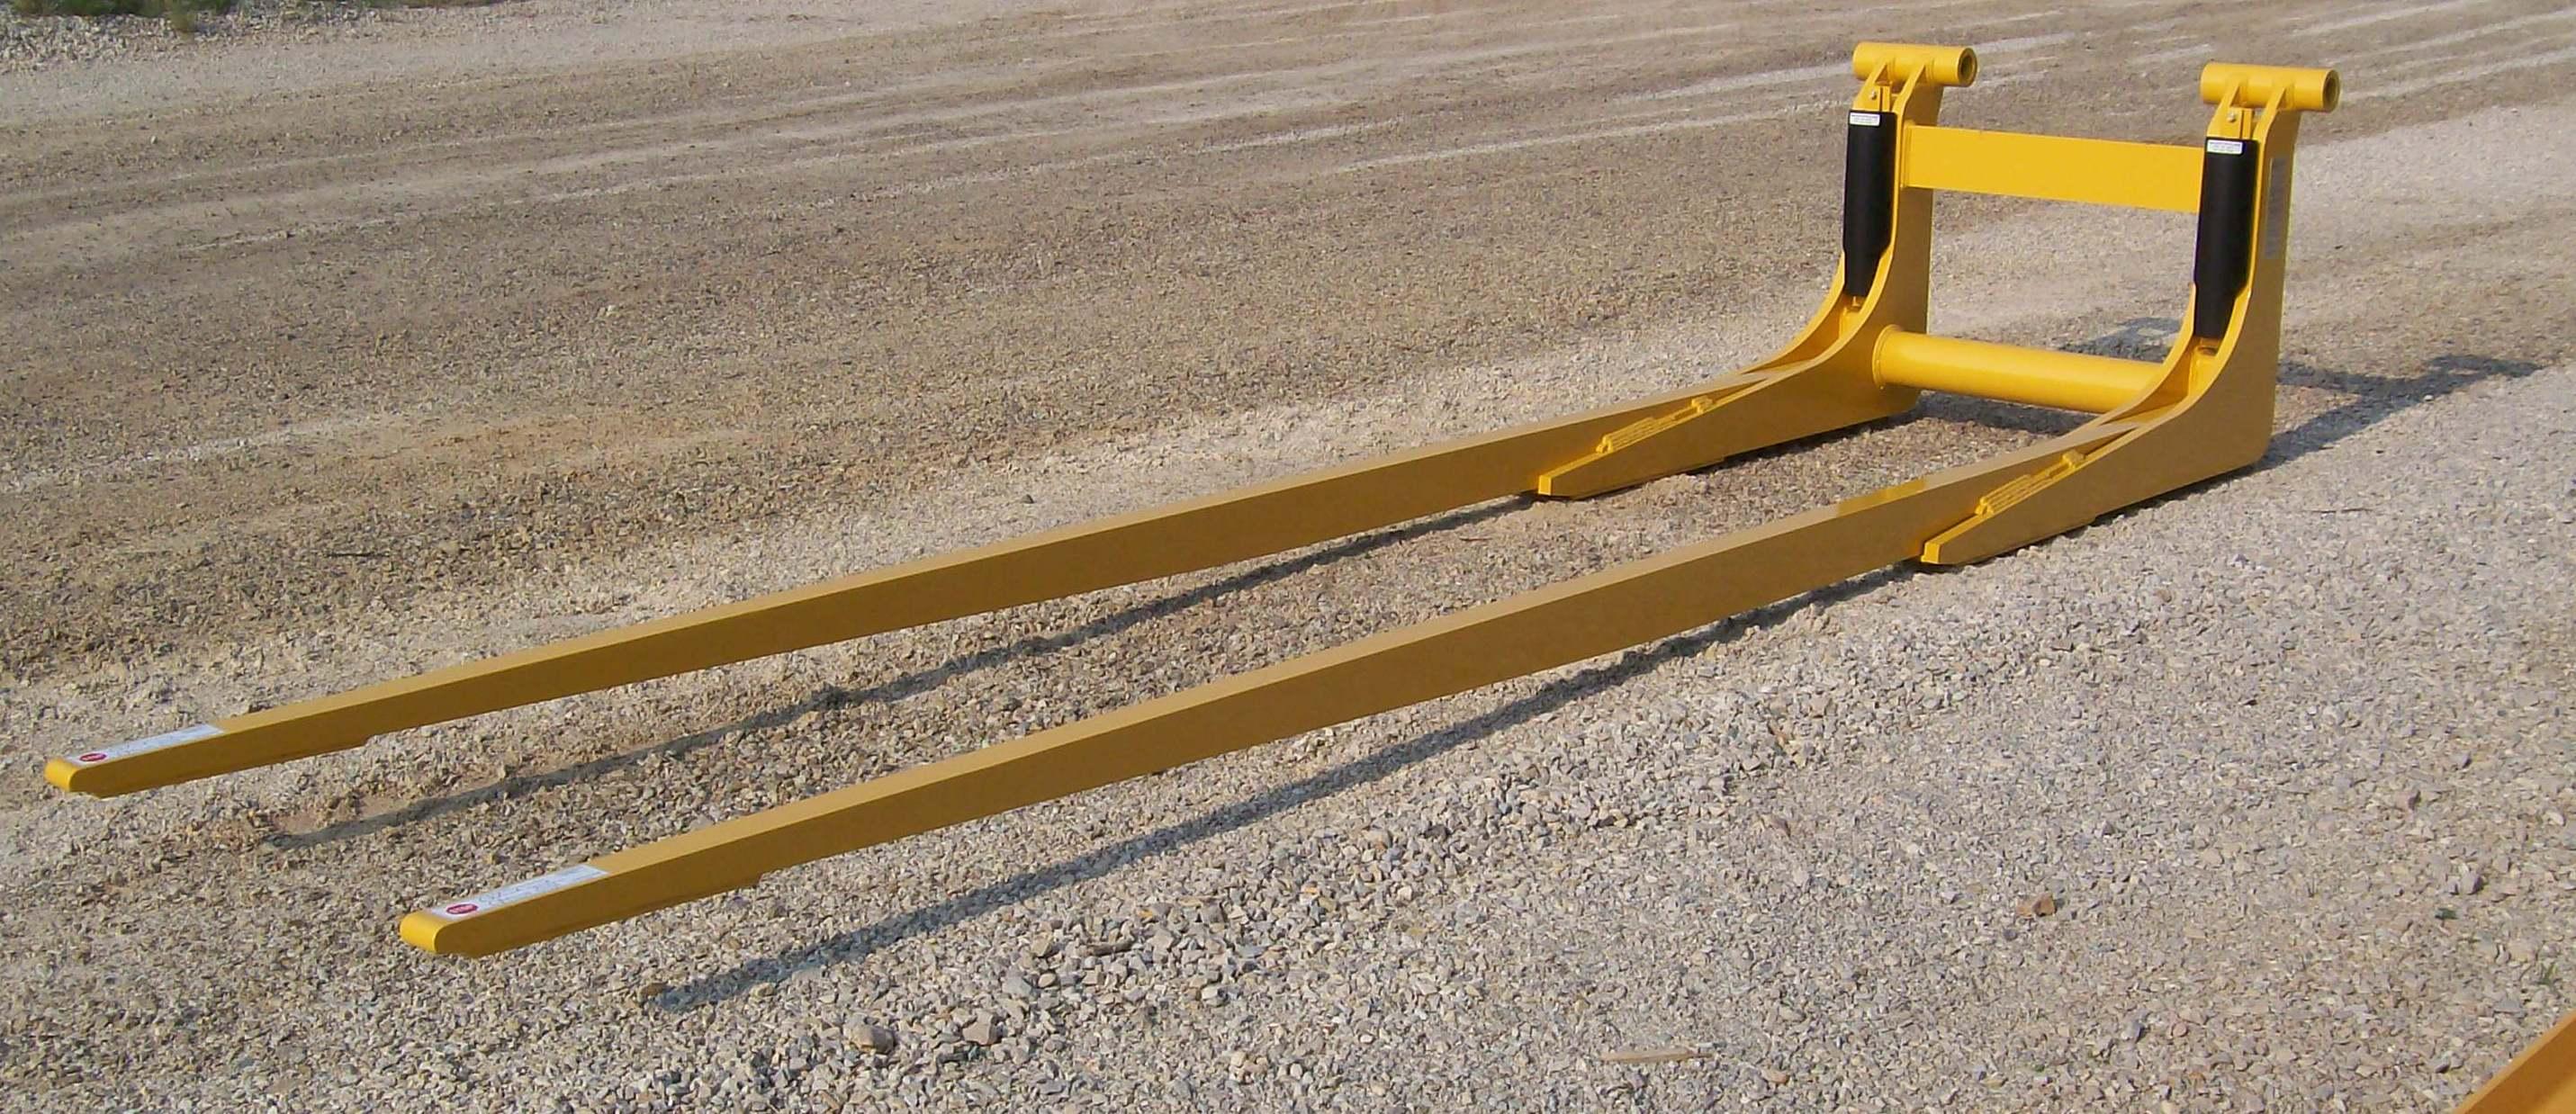 F3238 15ft Eyelet Forks 003.jpg